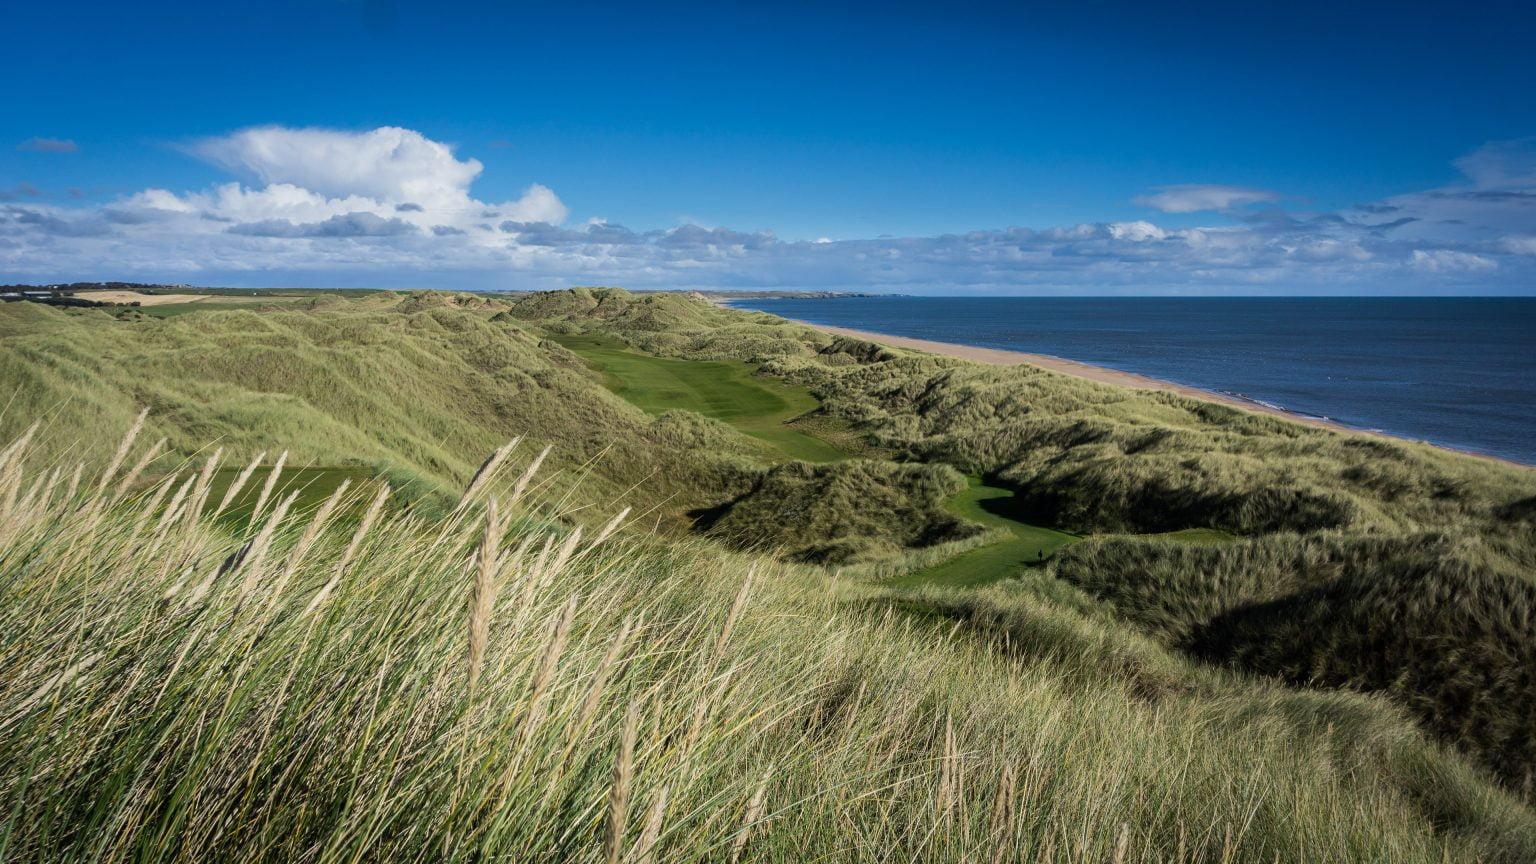 Trump International Golf Links outside Aberdeen